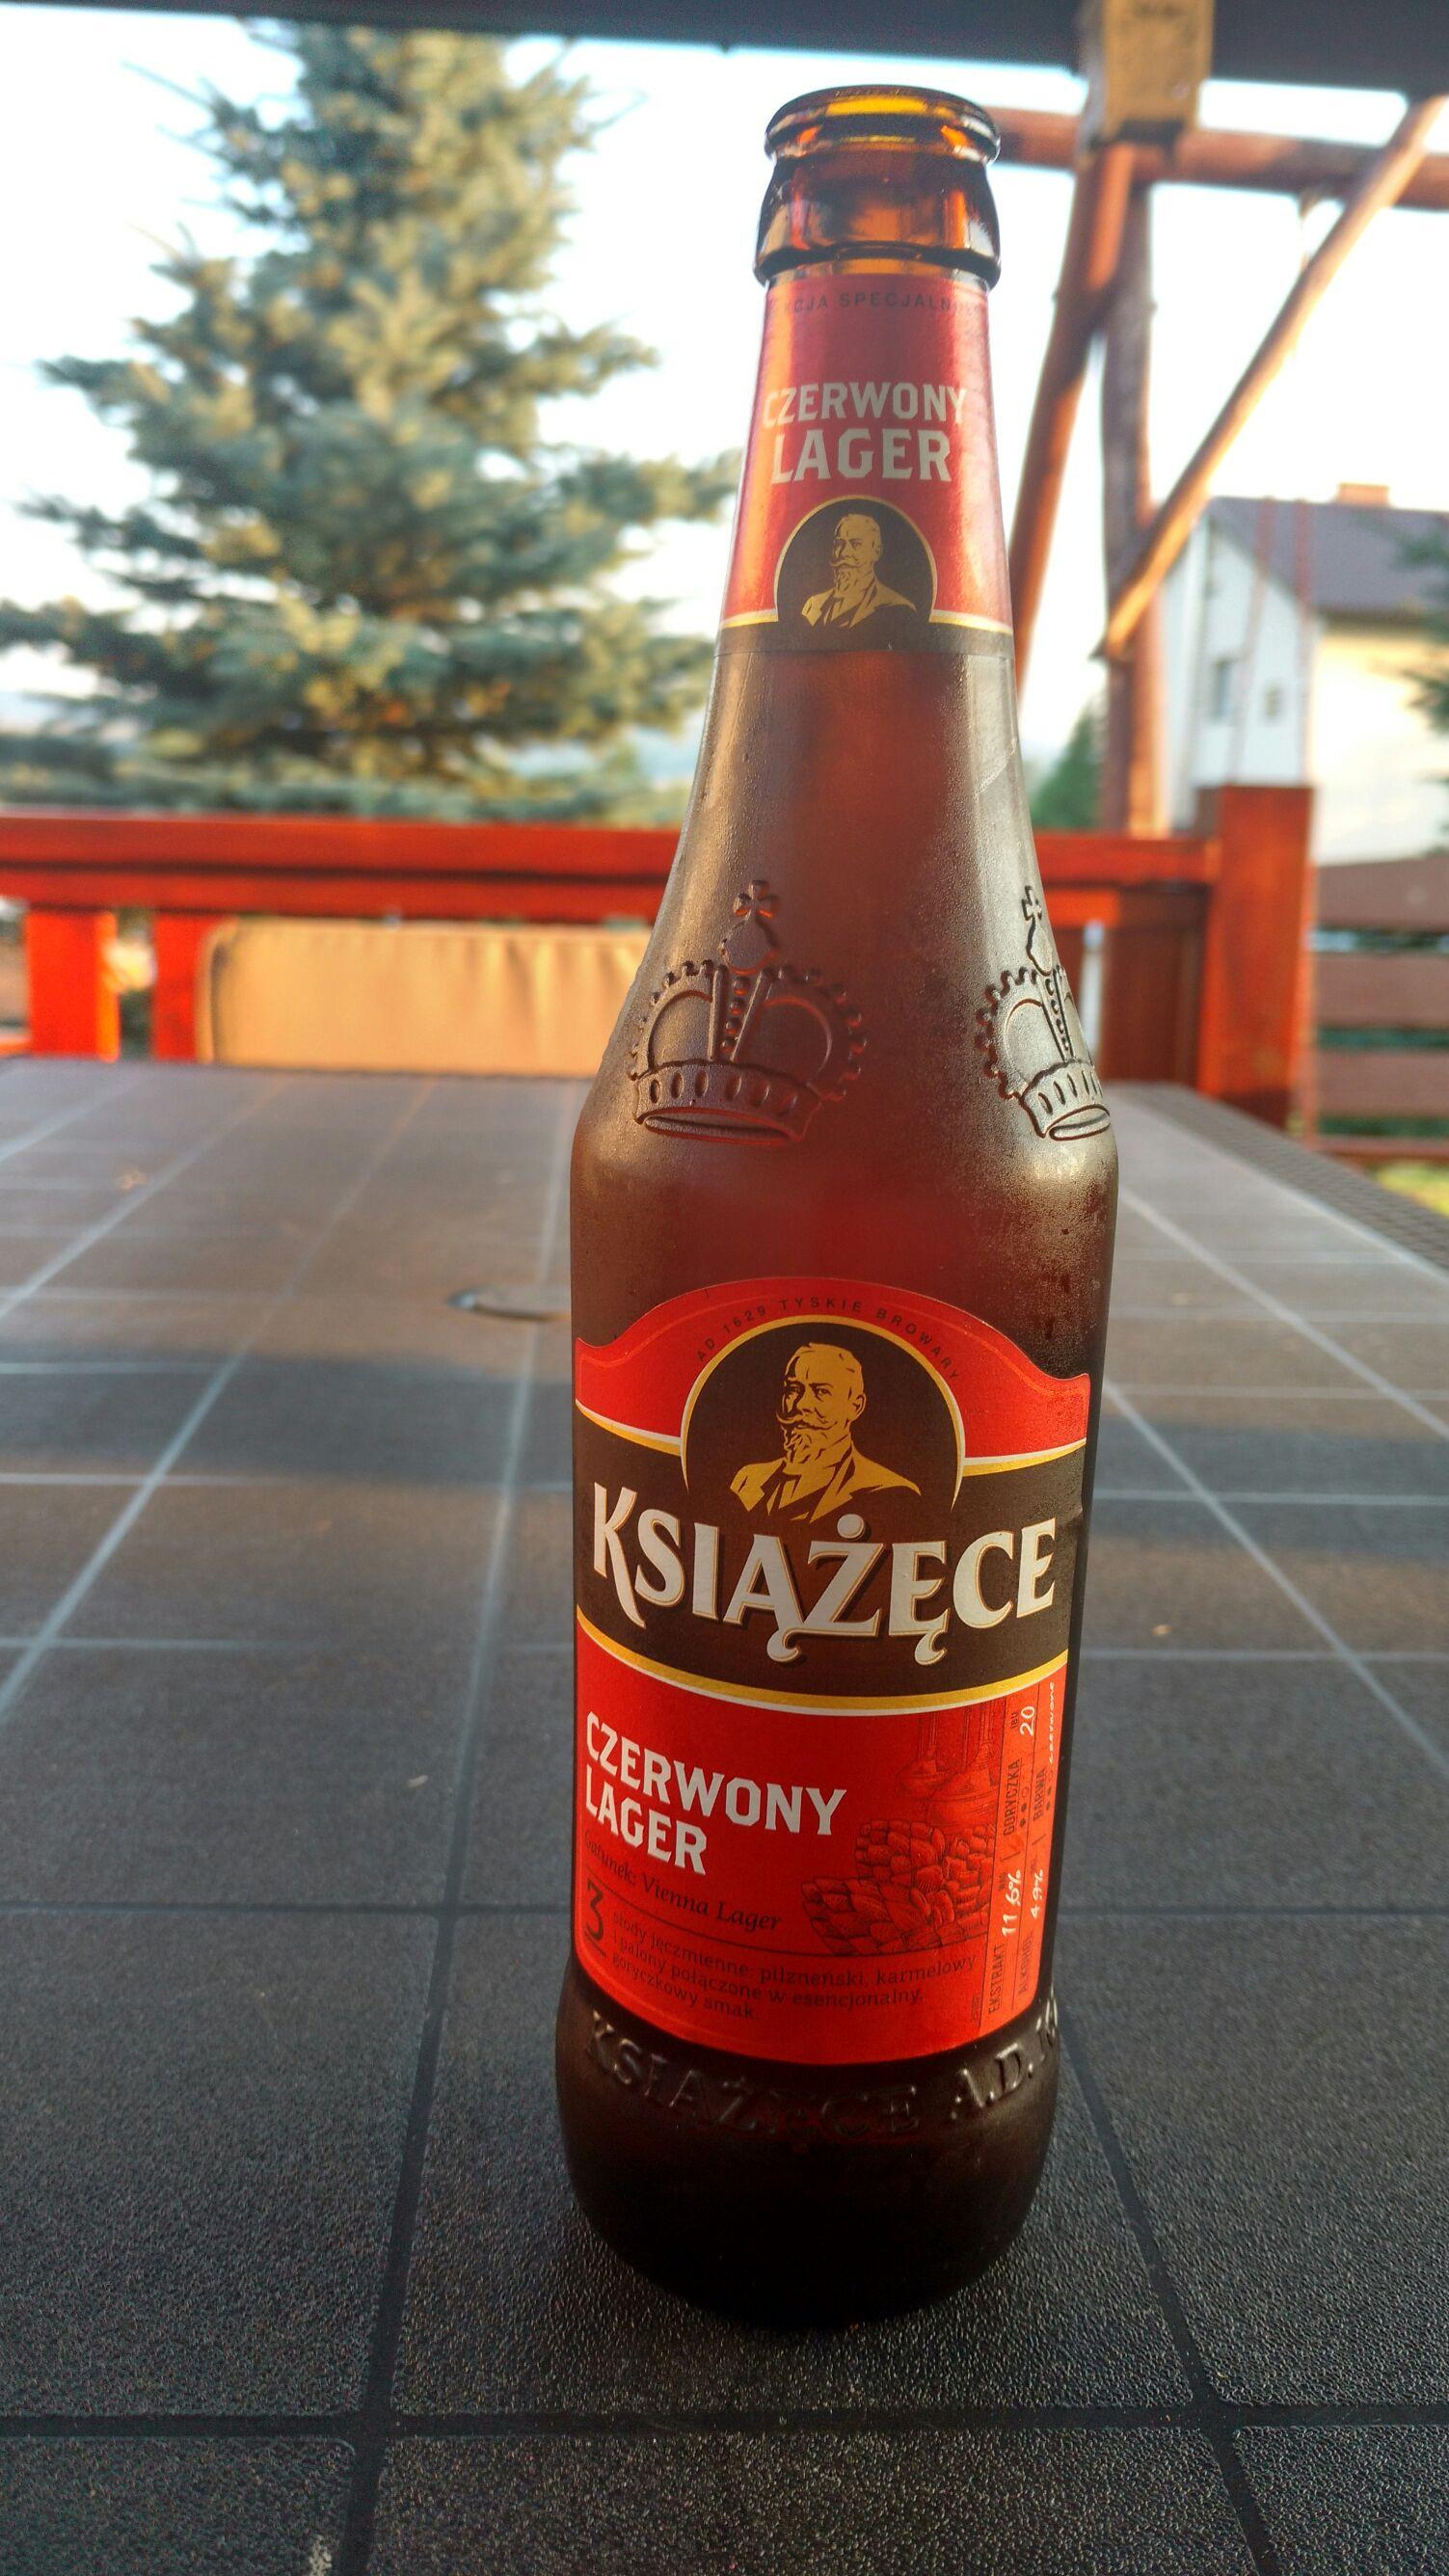 Książęce - czerwony lager 2.79 zł @ carrefour